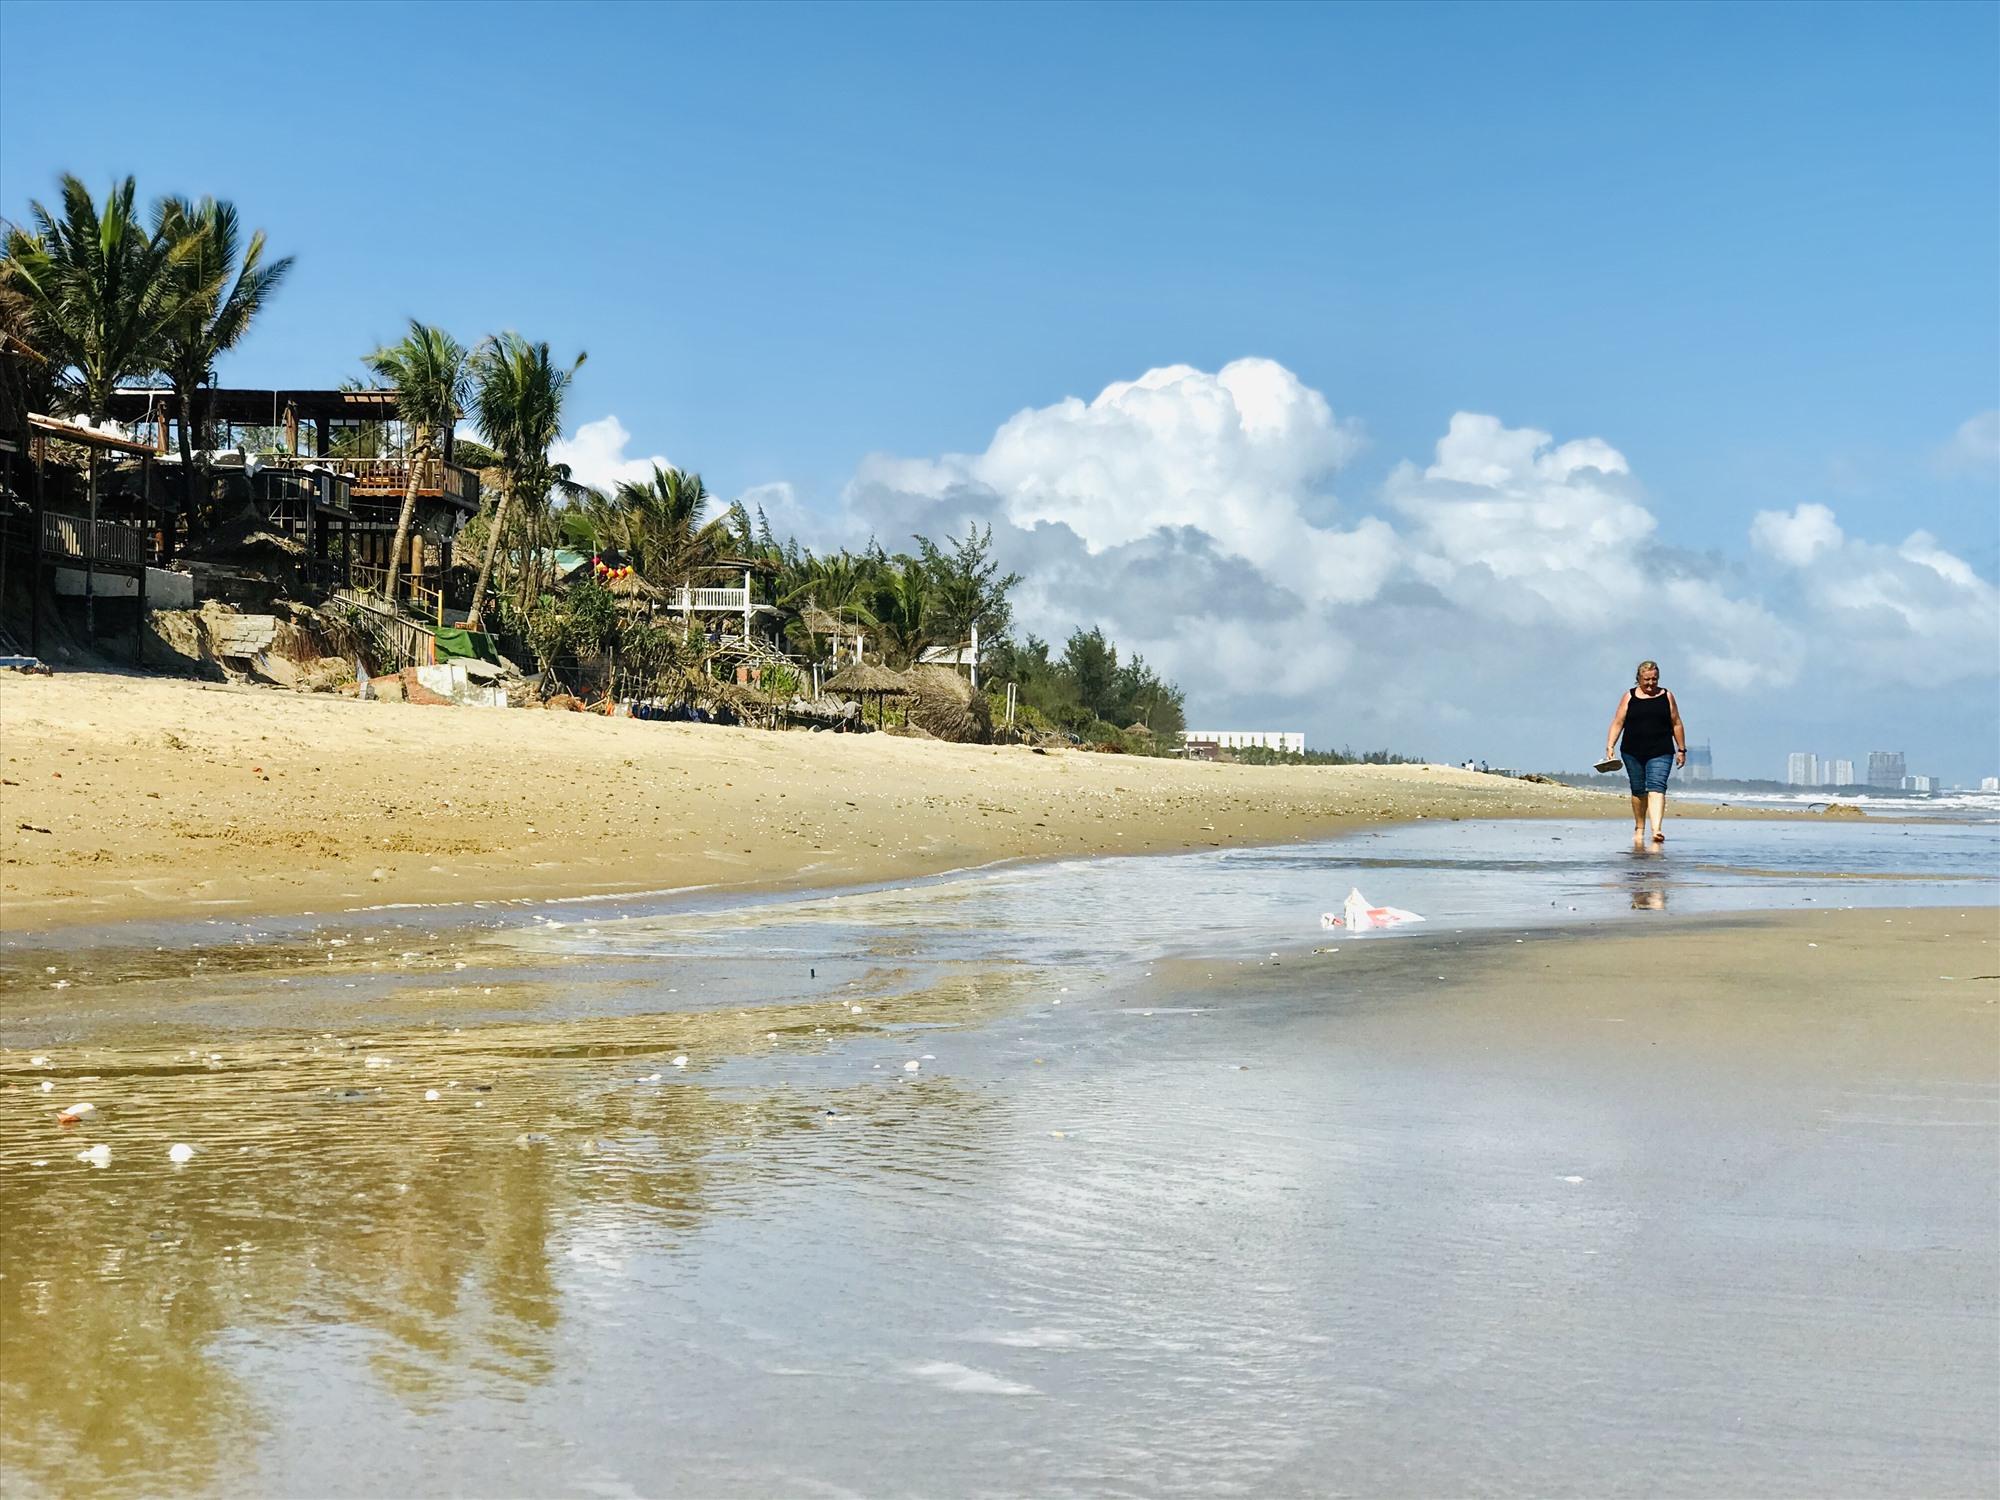 Những rãnh nước loang lỗ khiến bờ biển An Bàng nham nhở sau cơn bão số 13. Ảnh: Q.T